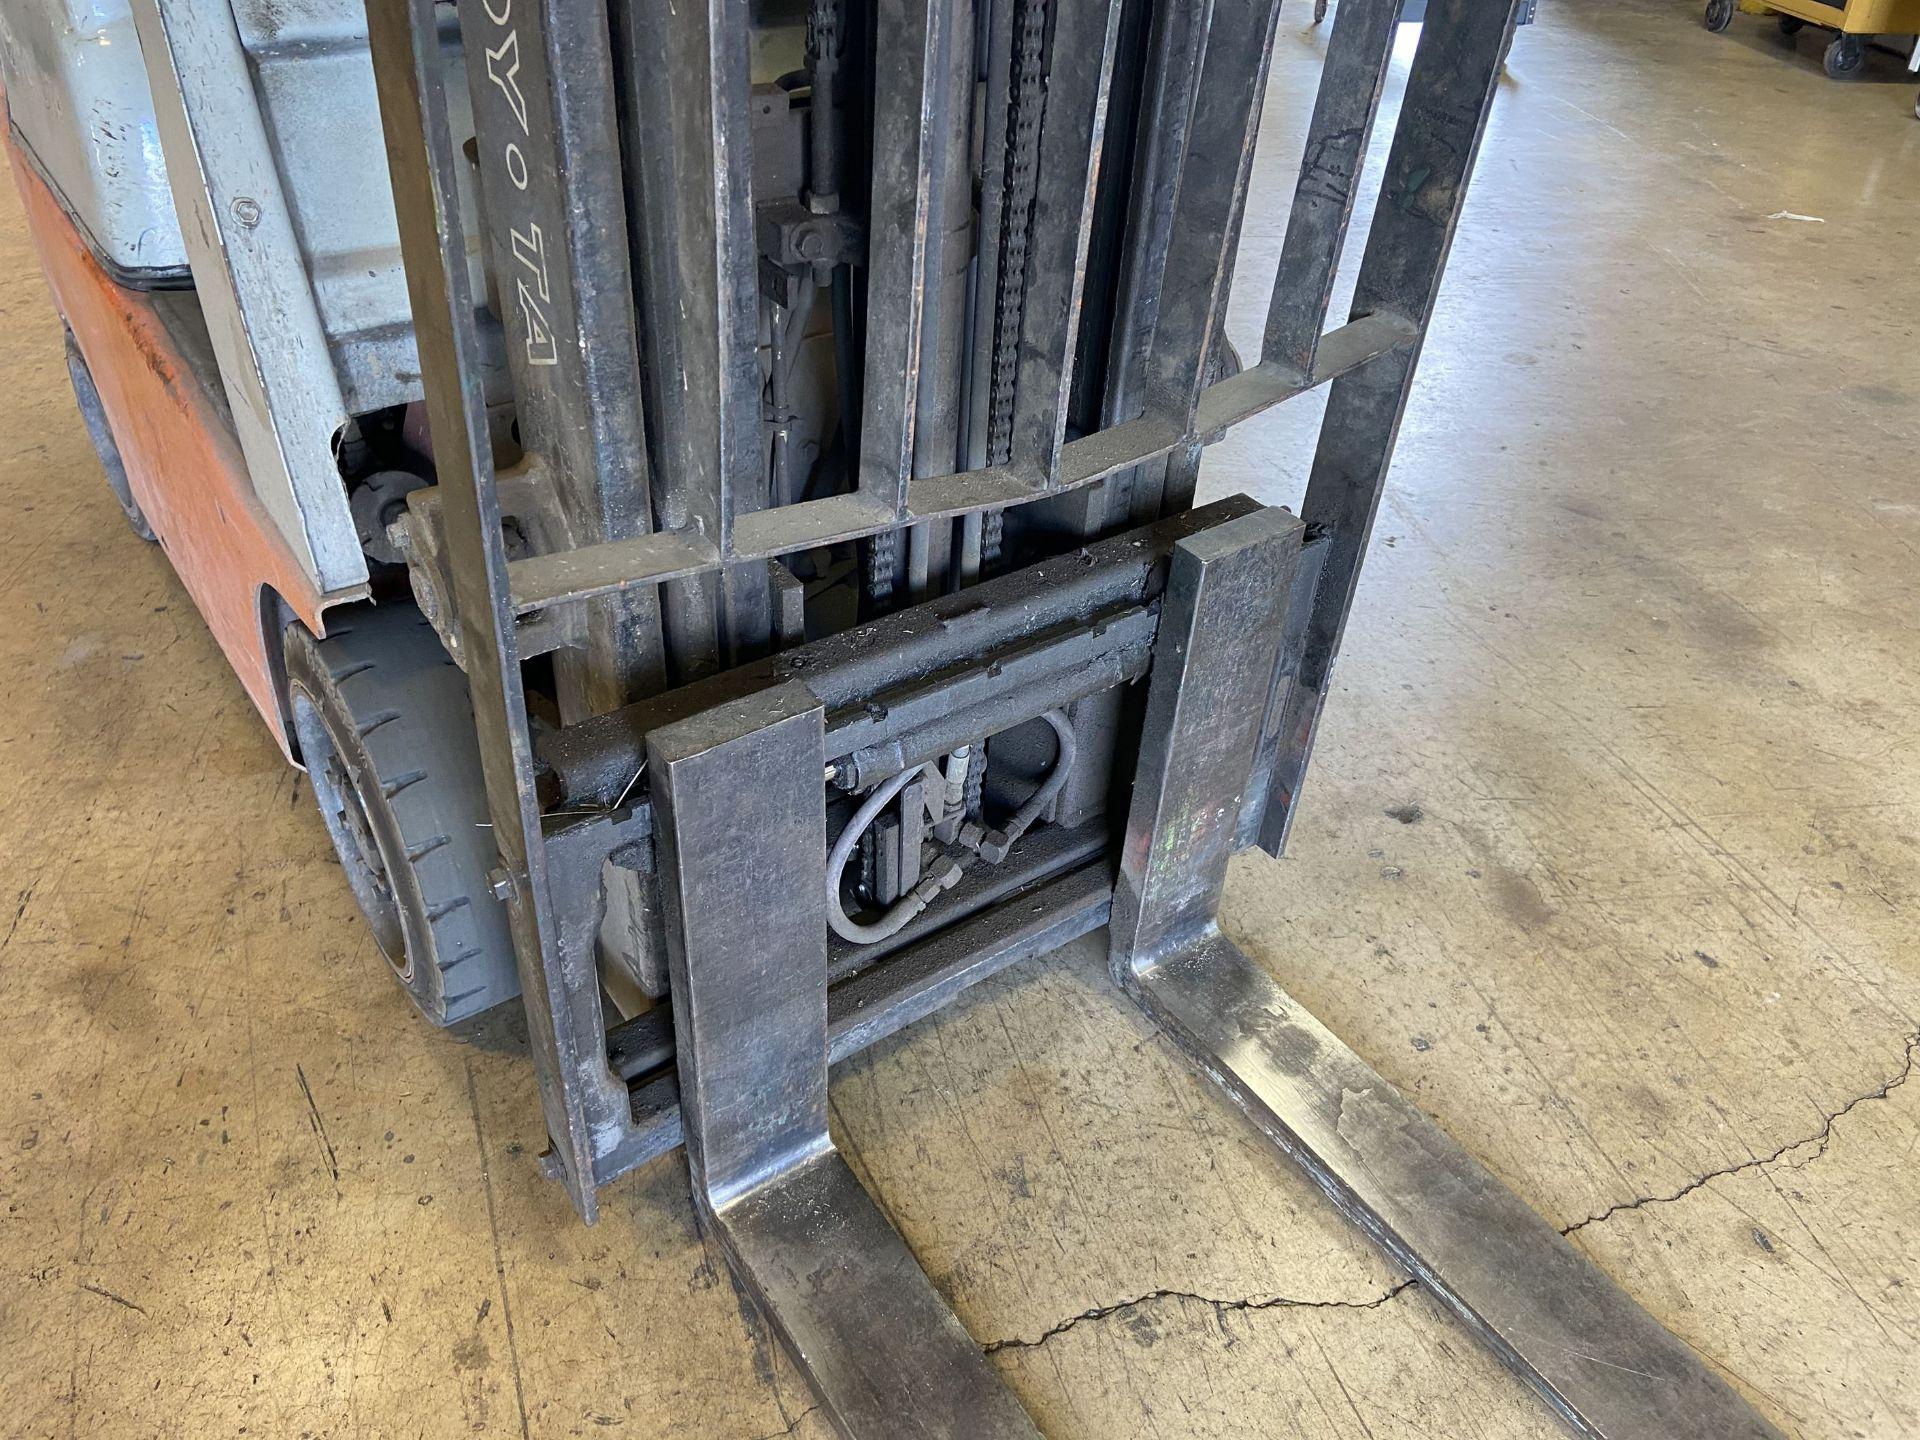 """Toyota Model 7FGCSU20 3700 Lb LP Forklift, 170"""" Lift, 3 Stage, 42"""" Forks, Side Shift, solid Tires, - Image 6 of 7"""